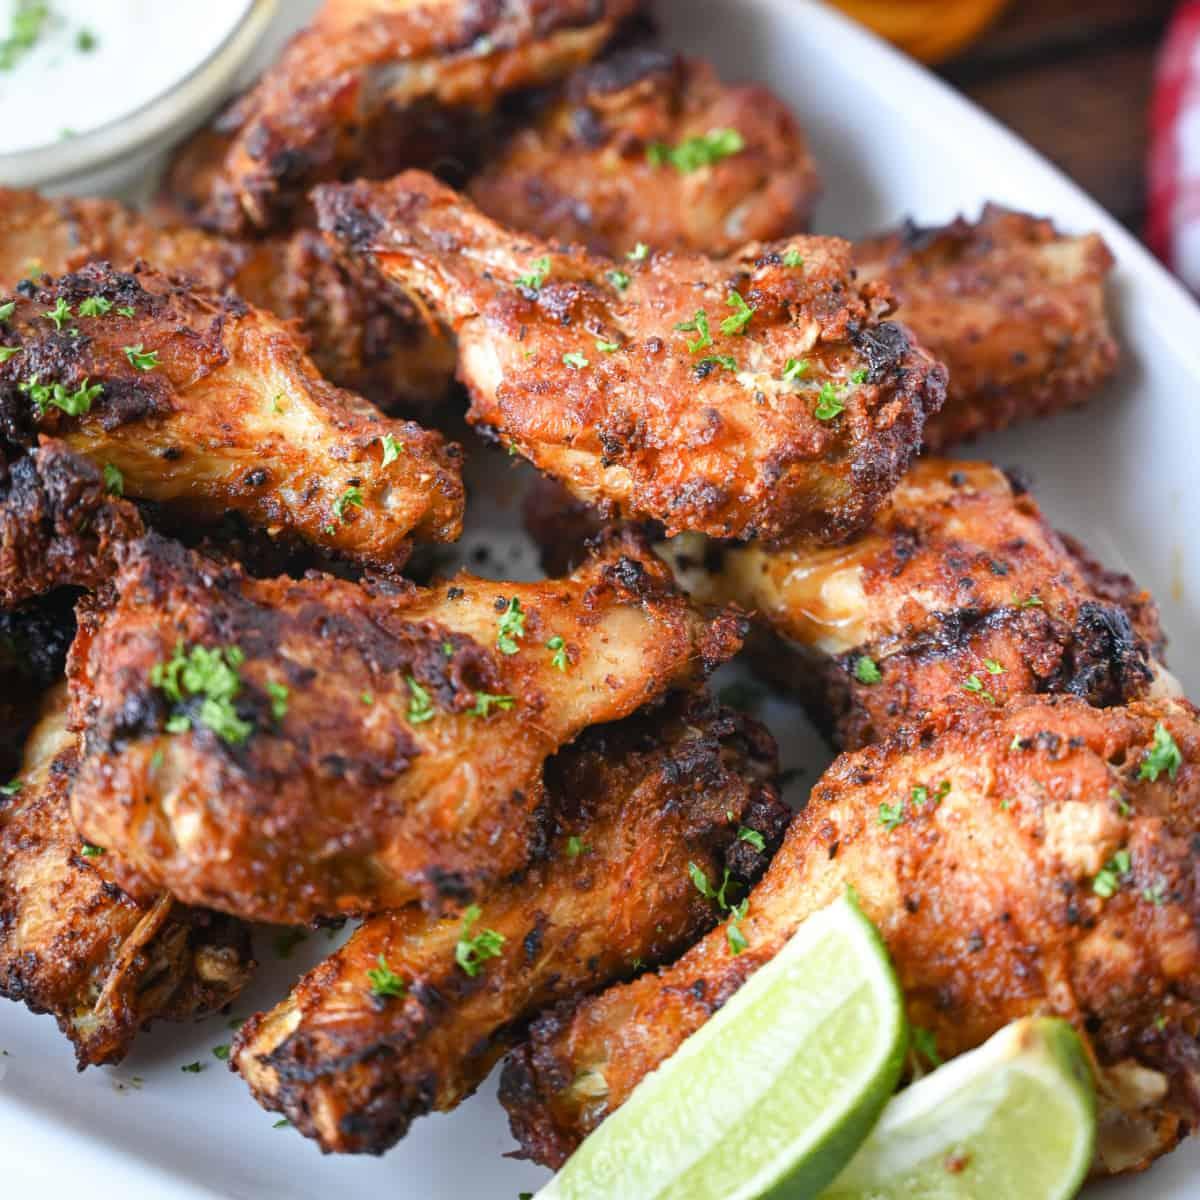 Wings: Air Fryer Old Bay Chicken Wings